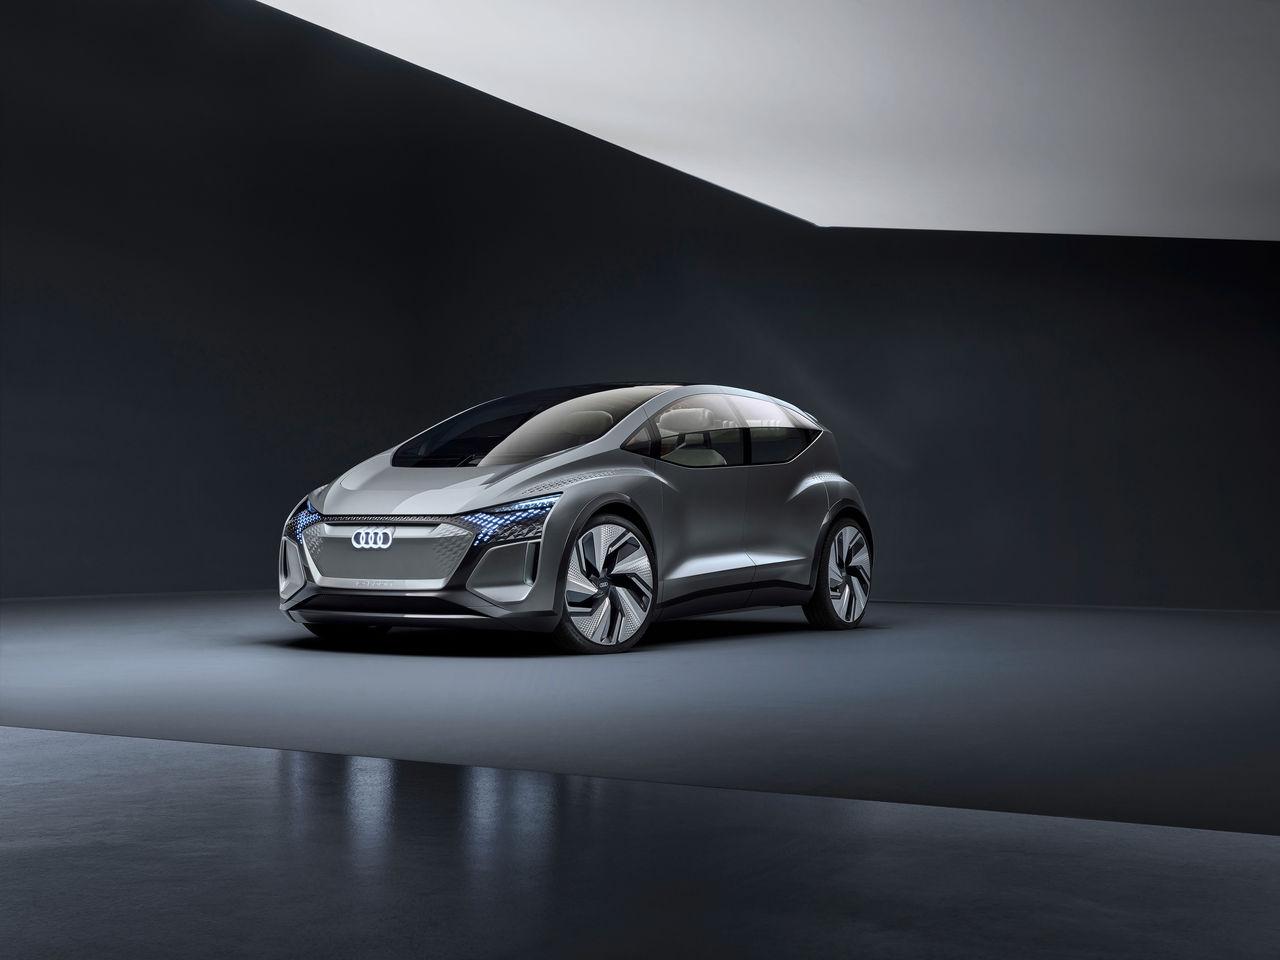 Kelebihan Kekurangan Audi Ai Top Model Tahun Ini